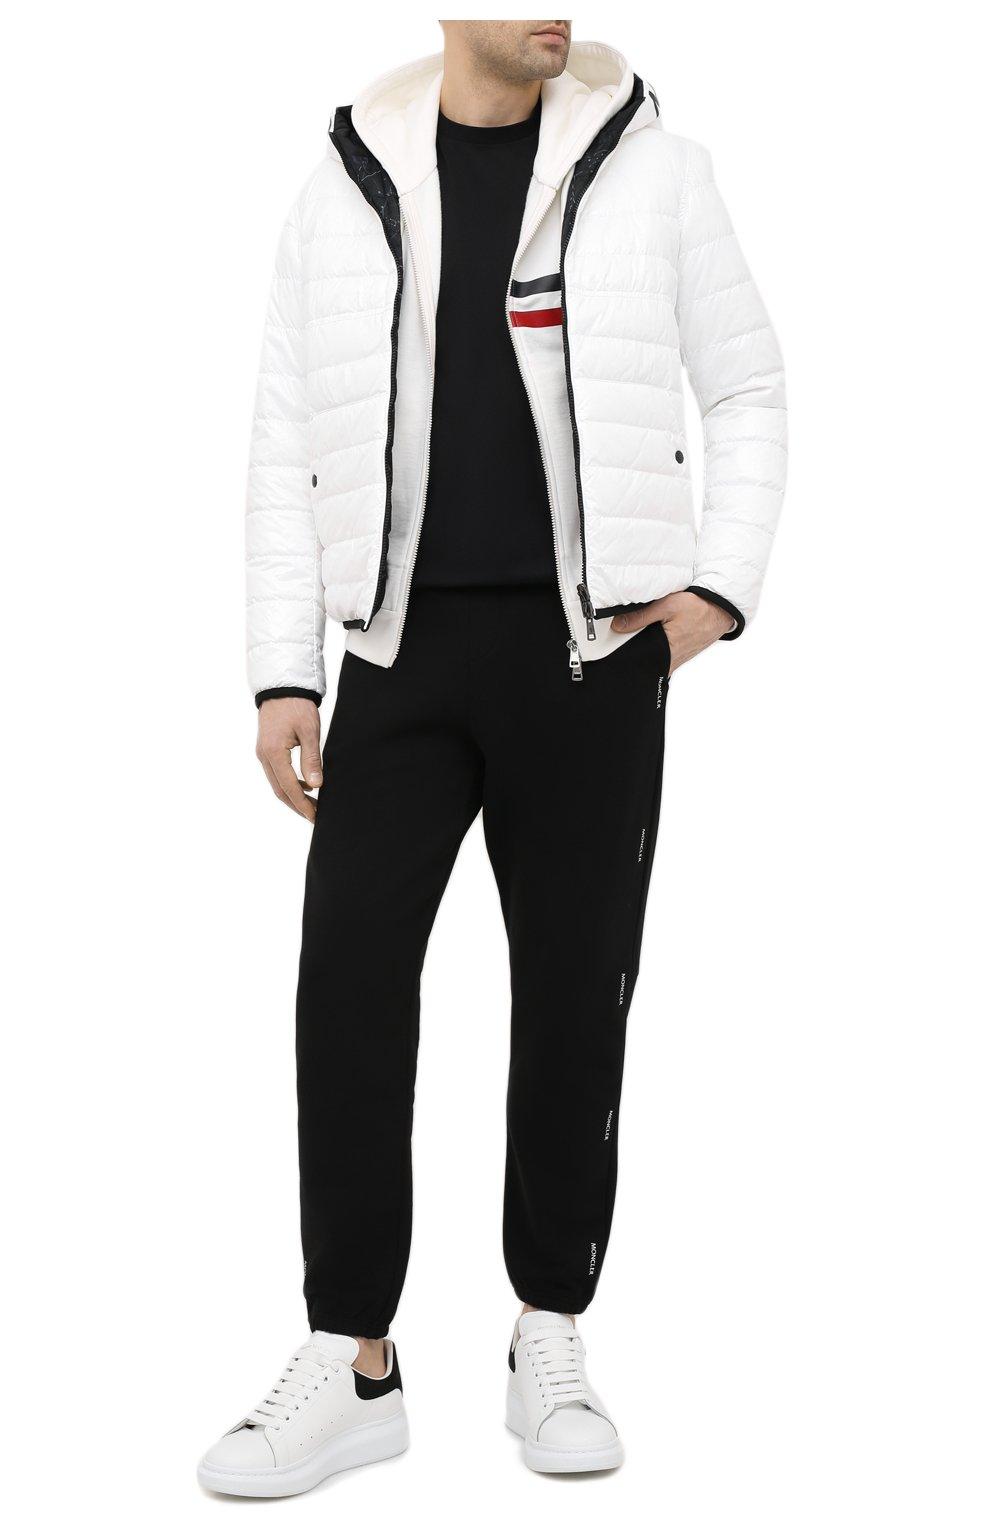 Мужская двусторонняя пуховая куртка krim MONCLER белого цвета, арт. G1-091-1A52N-70-68950   Фото 2 (Кросс-КТ: Куртка; Мужское Кросс-КТ: пуховик-короткий; Рукава: Длинные; Материал внешний: Синтетический материал; Принт: С принтом; Материал подклада: Синтетический материал; Длина (верхняя одежда): Короткие; Материал утеплителя: Пух и перо; Стили: Кэжуэл)